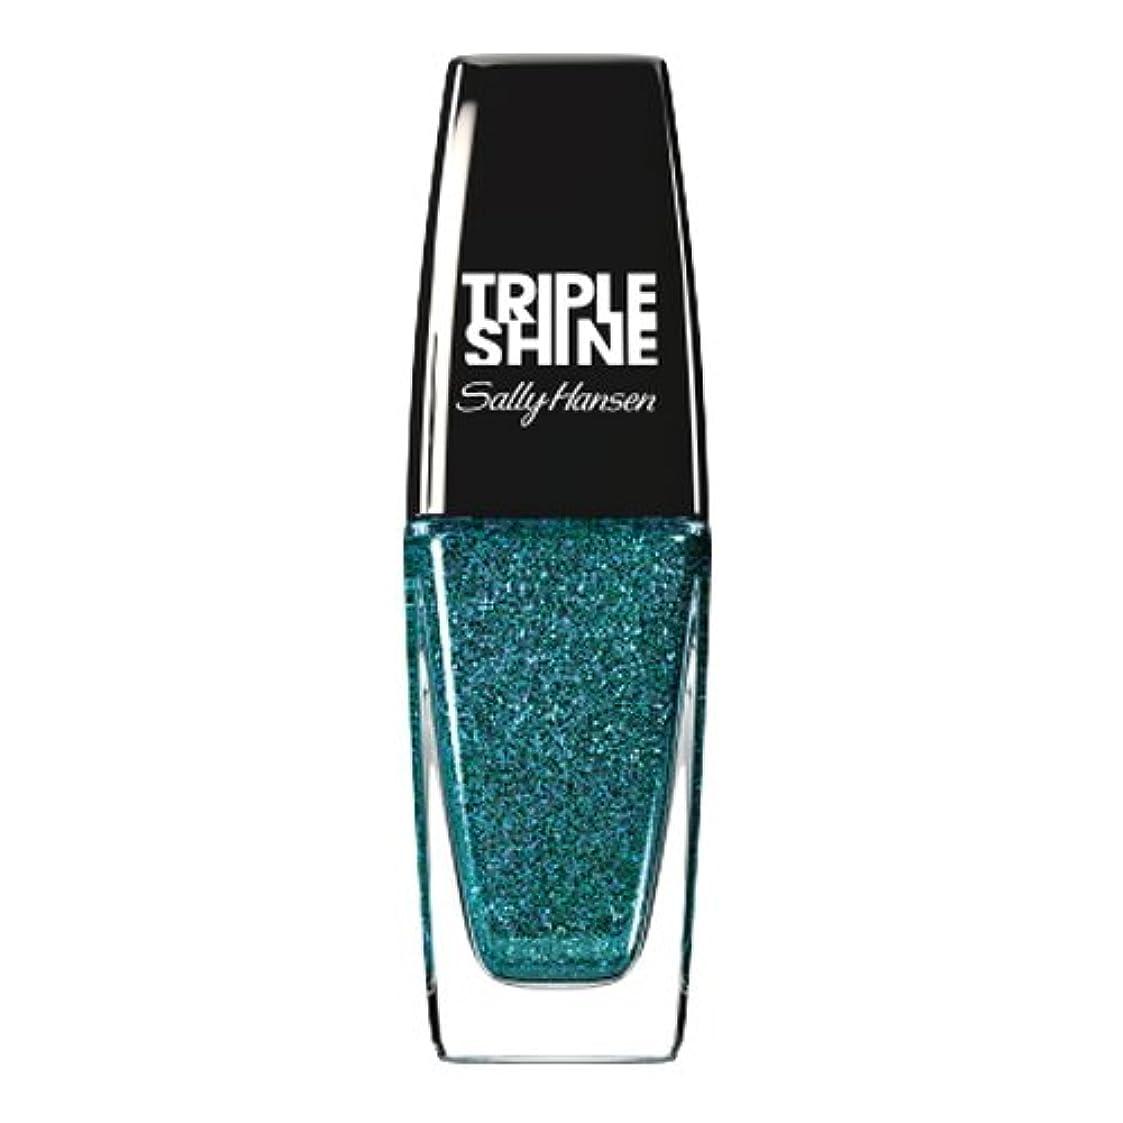 ボス発見する量でSALLY HANSEN Triple Shine Nail Polish - Sparkling Water (並行輸入品)